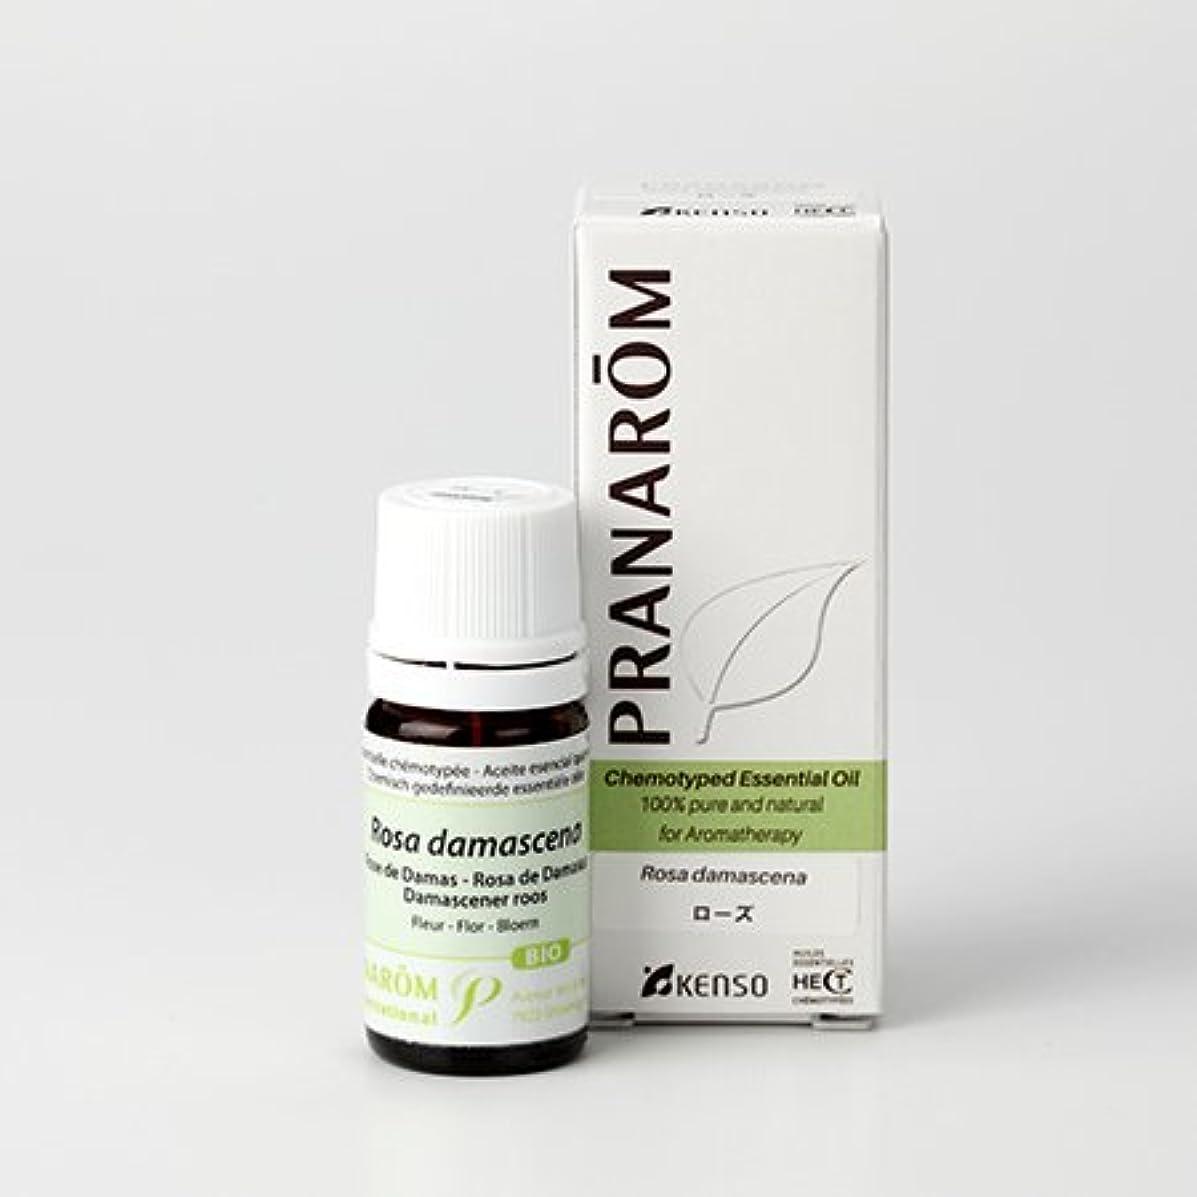 アドバイス独特の同じ【ローズ 5ml】→華やかさだけでなく、透明感をもつ、気品にあふれた香り?(フローラル系)[PRANAROM(プラナロム)精油/アロマオイル/エッセンシャルオイル]P-158